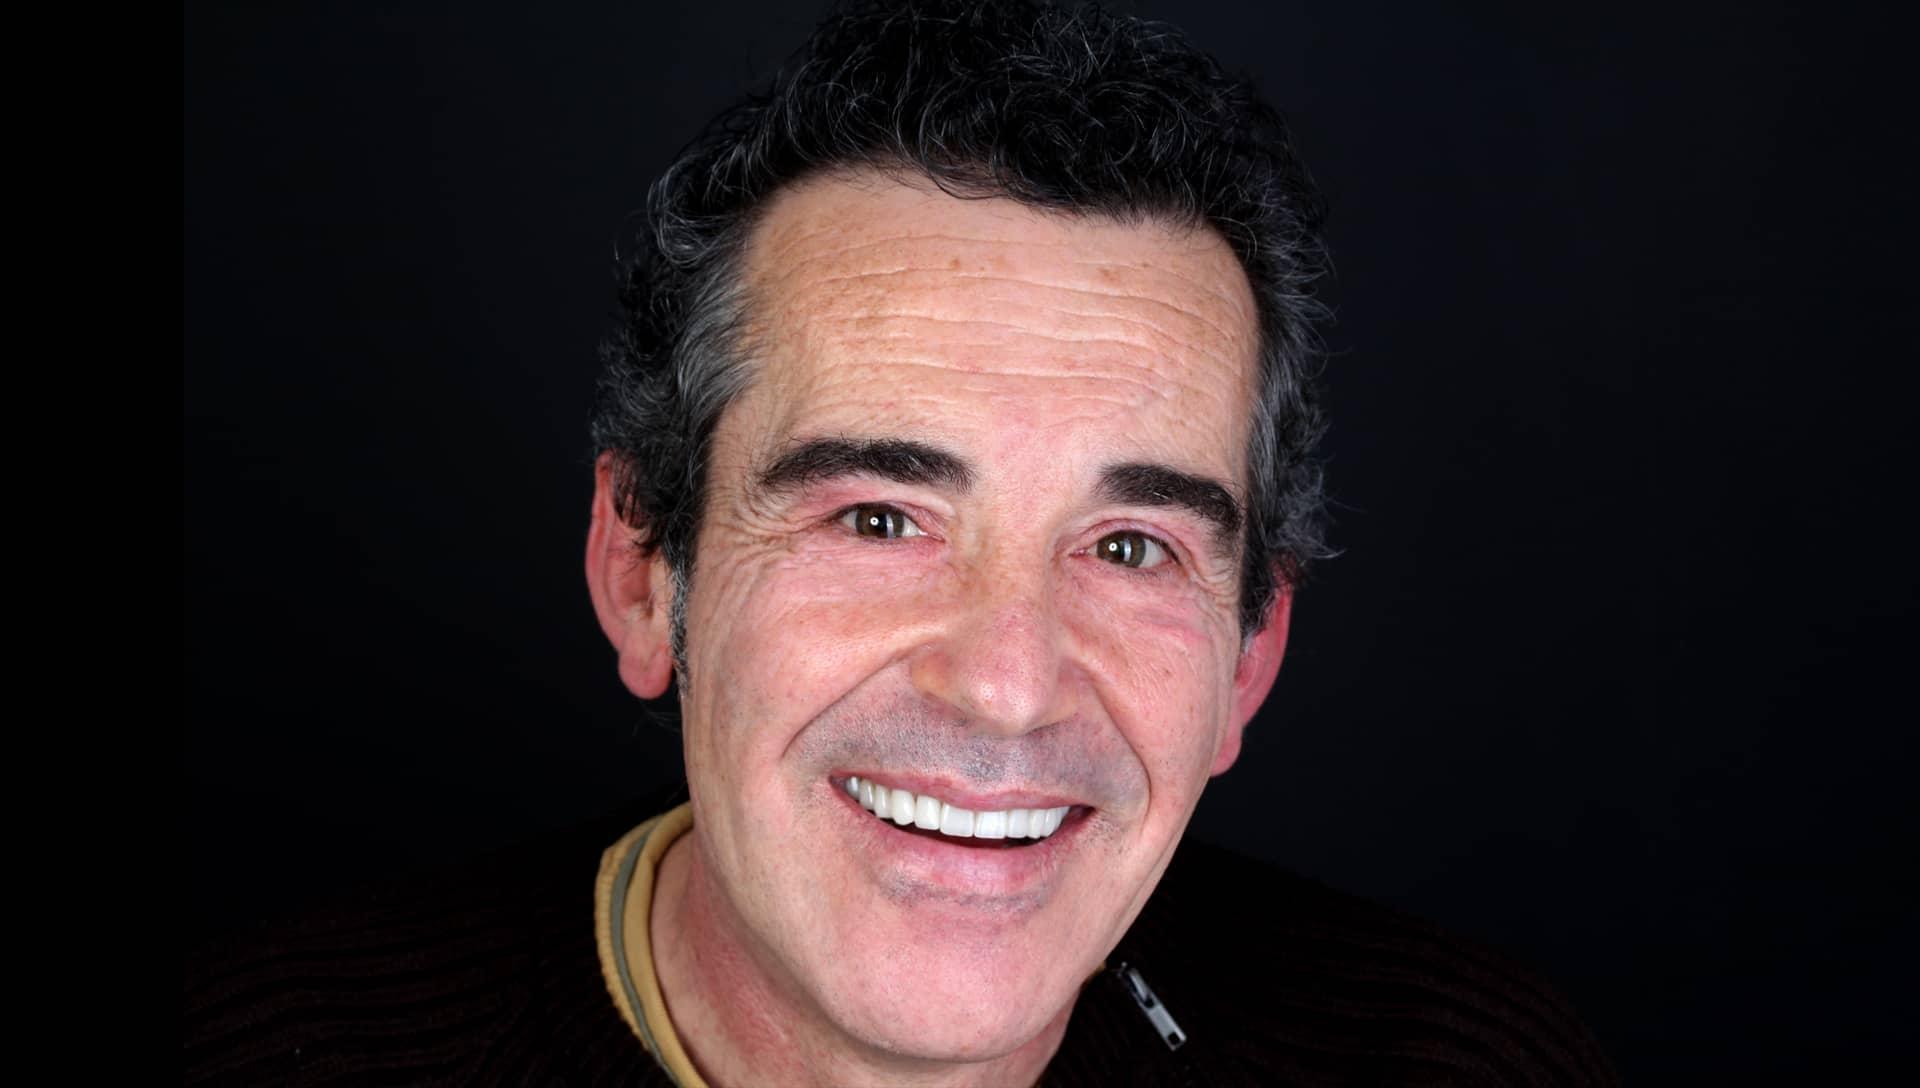 Jose Luis després del tractament d'estètica dental i pròtesi dentals